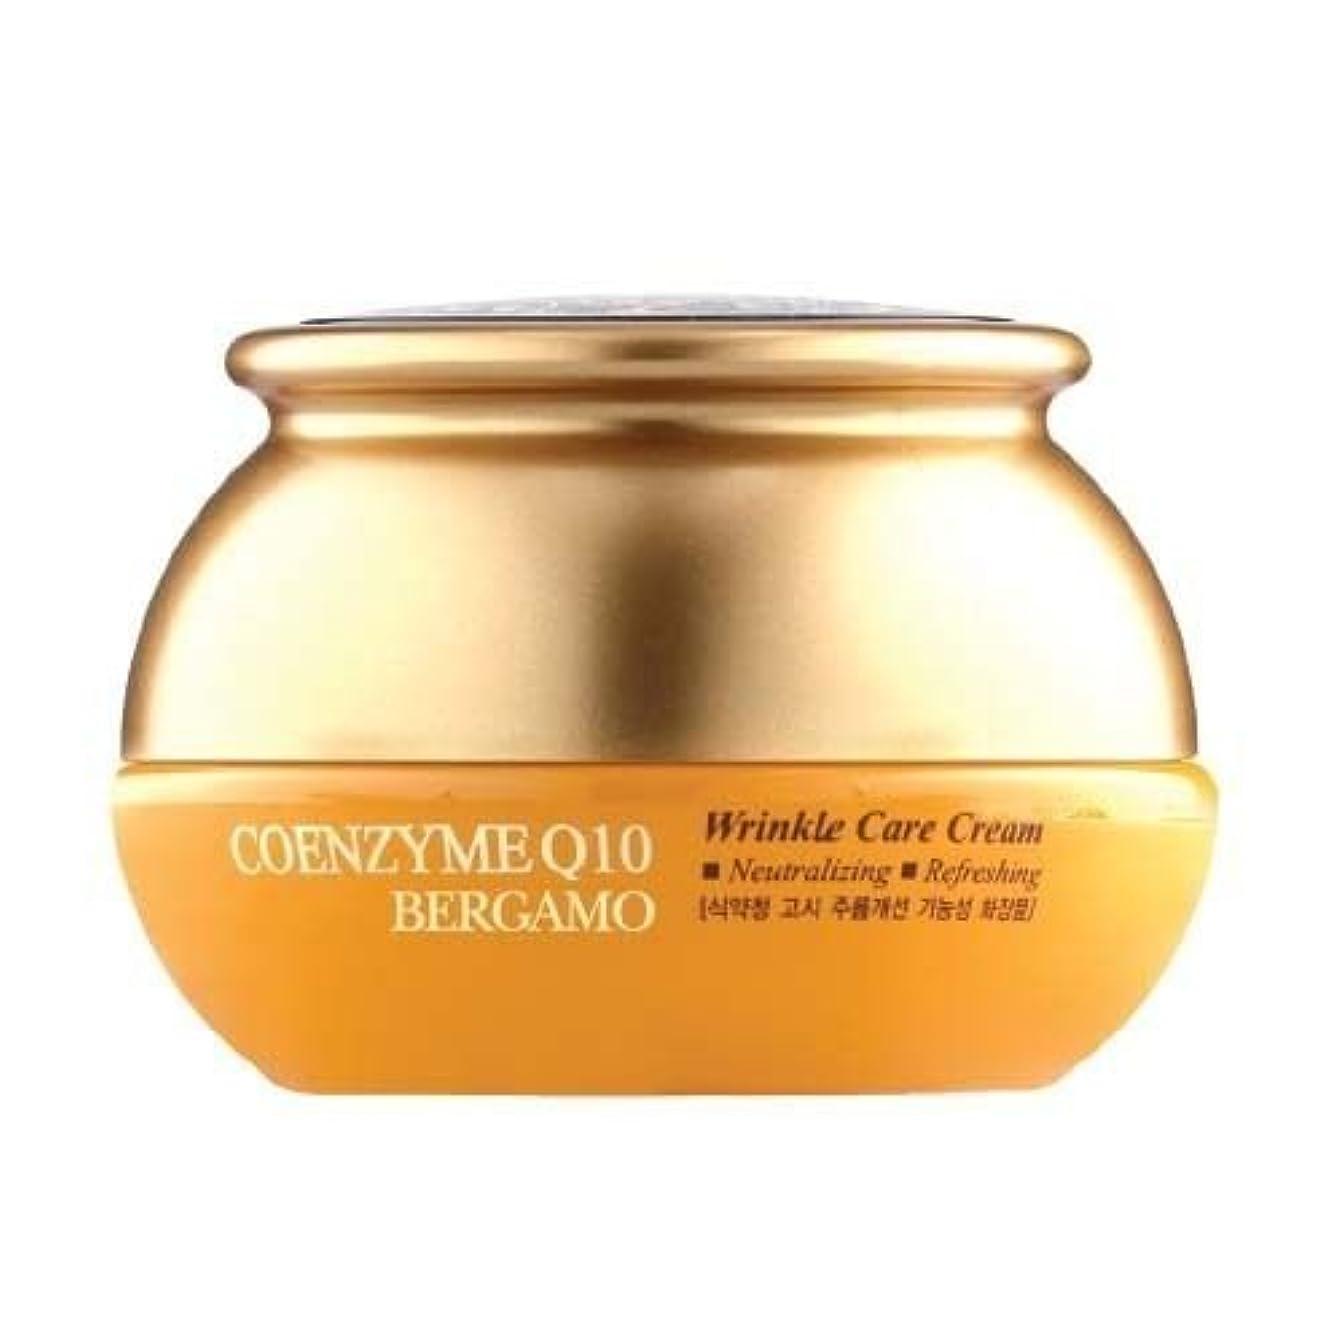 白内障再発するフラグラントベルガモ[韓国コスメBergamo]Coenzyme Q10 Wrinkle Care Cream コエンザイムQ10リンクルケアクリーム50ml しわ管理 [並行輸入品]